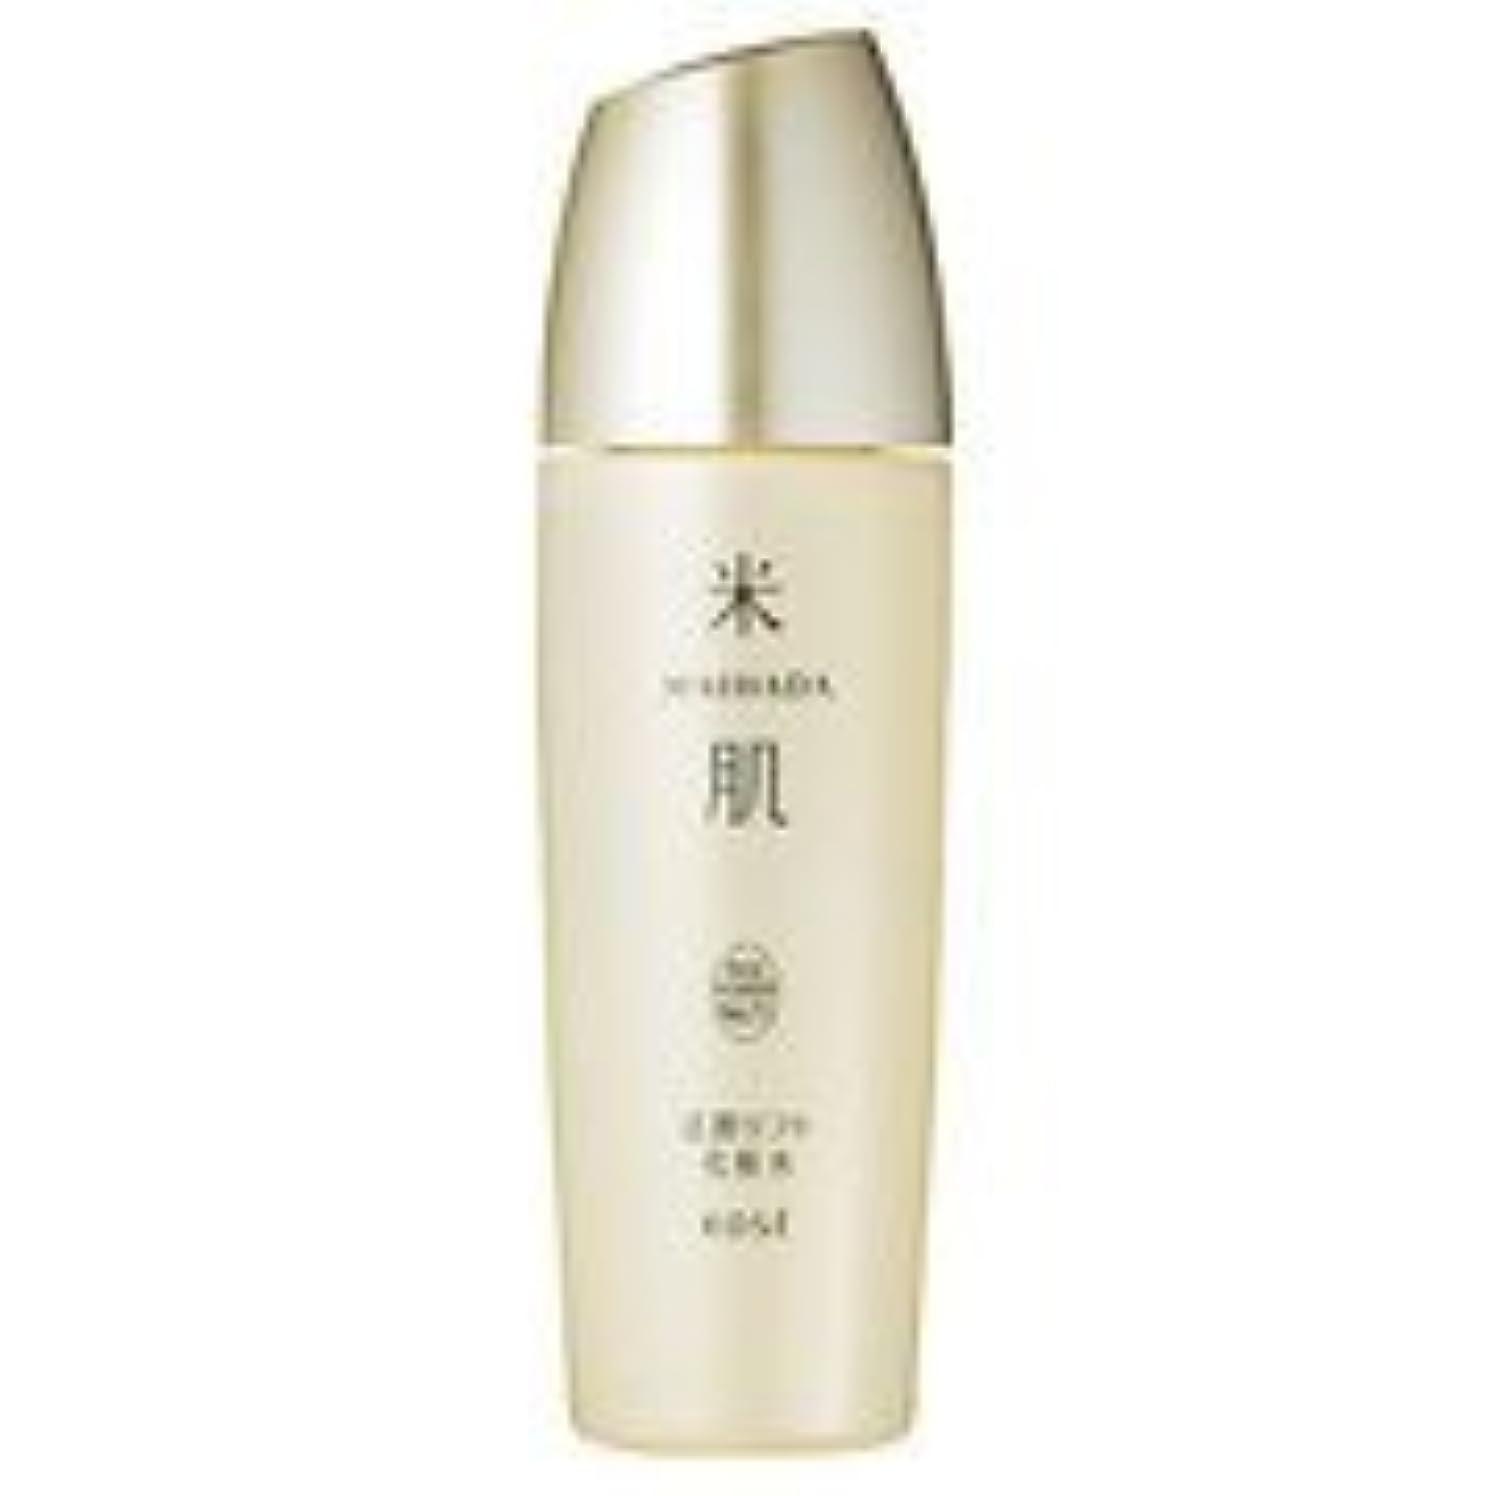 加速する変更あいまいさ米肌(MAIHADA) 活潤リフト 化粧水 120ml